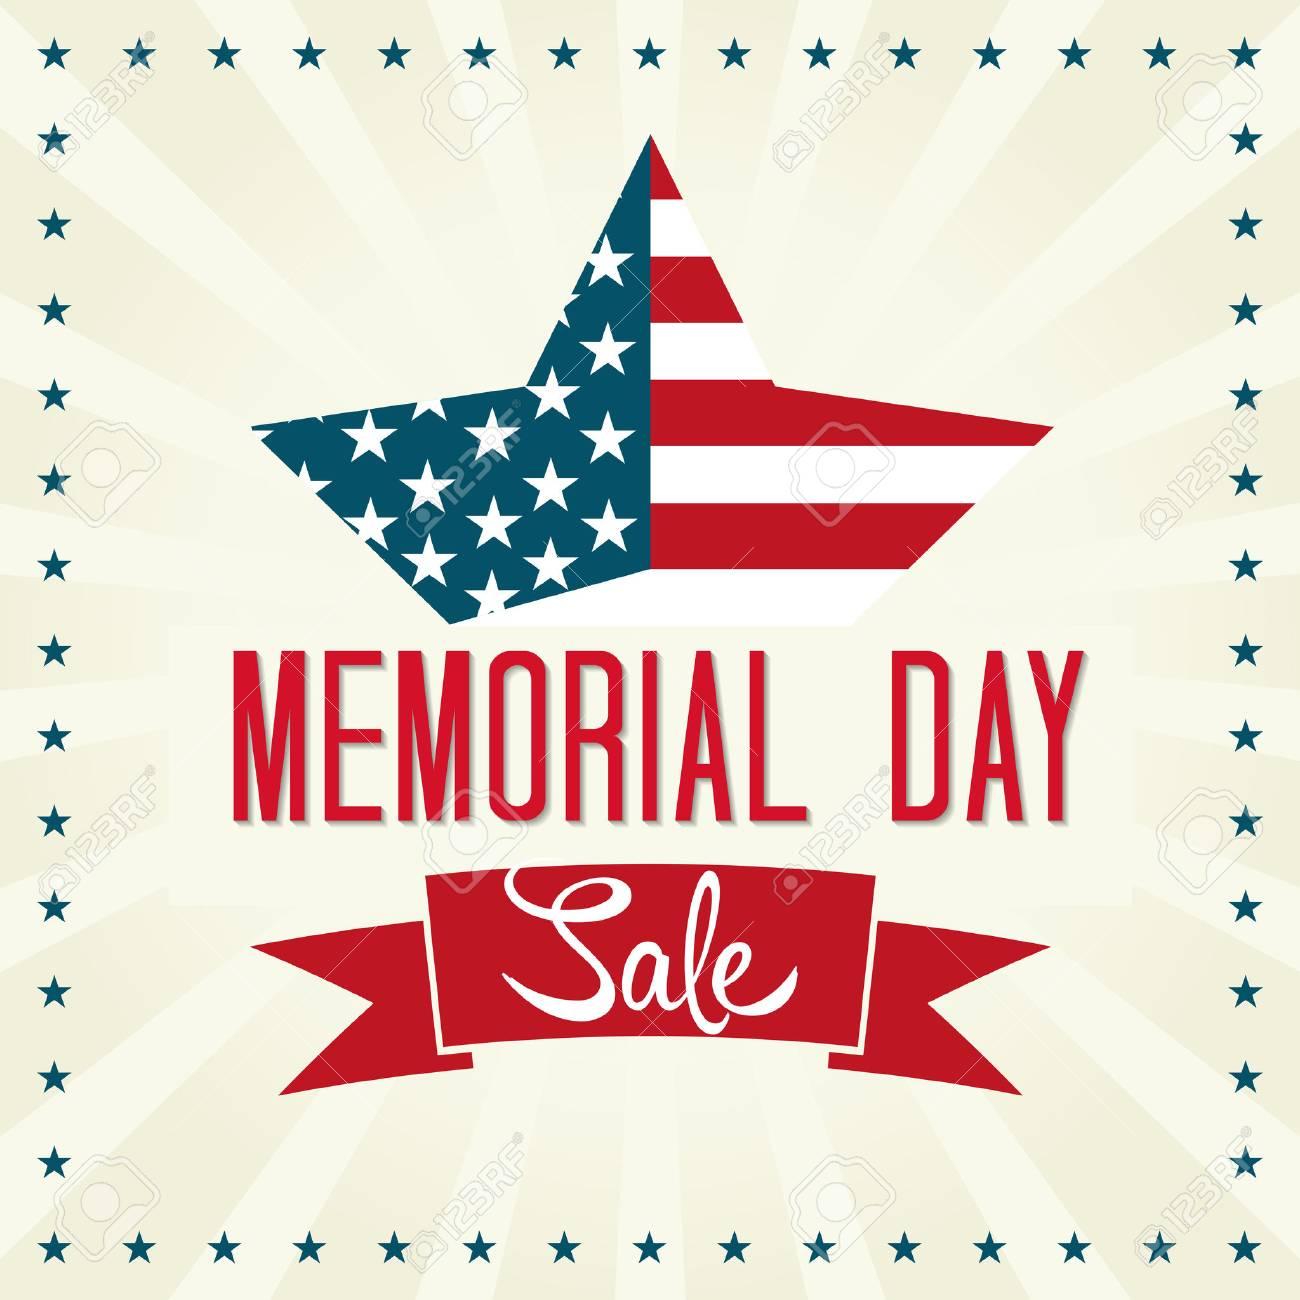 記念日セール イラストアメリカの国旗の星のイラスト素材ベクタ